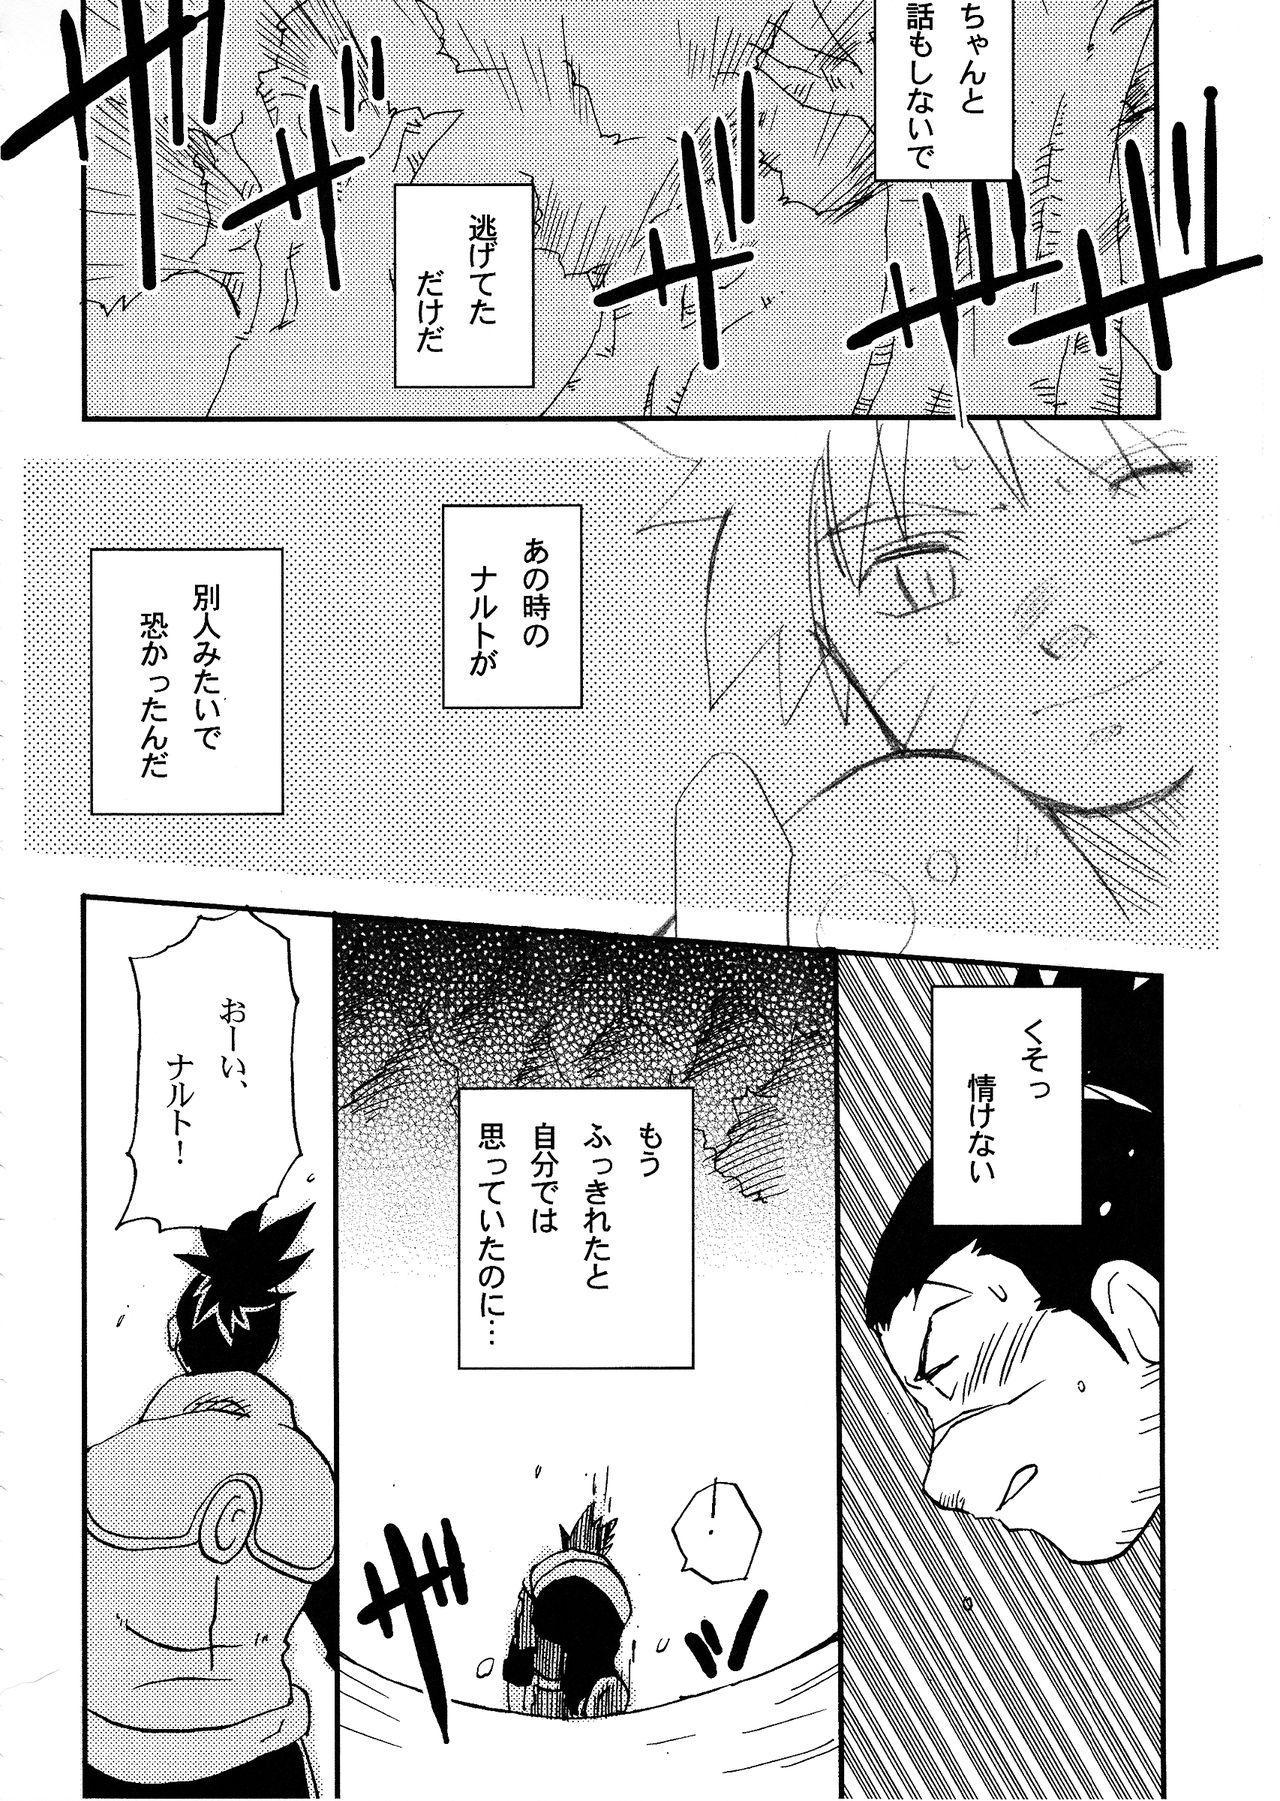 IruNaru no Wadachi 26